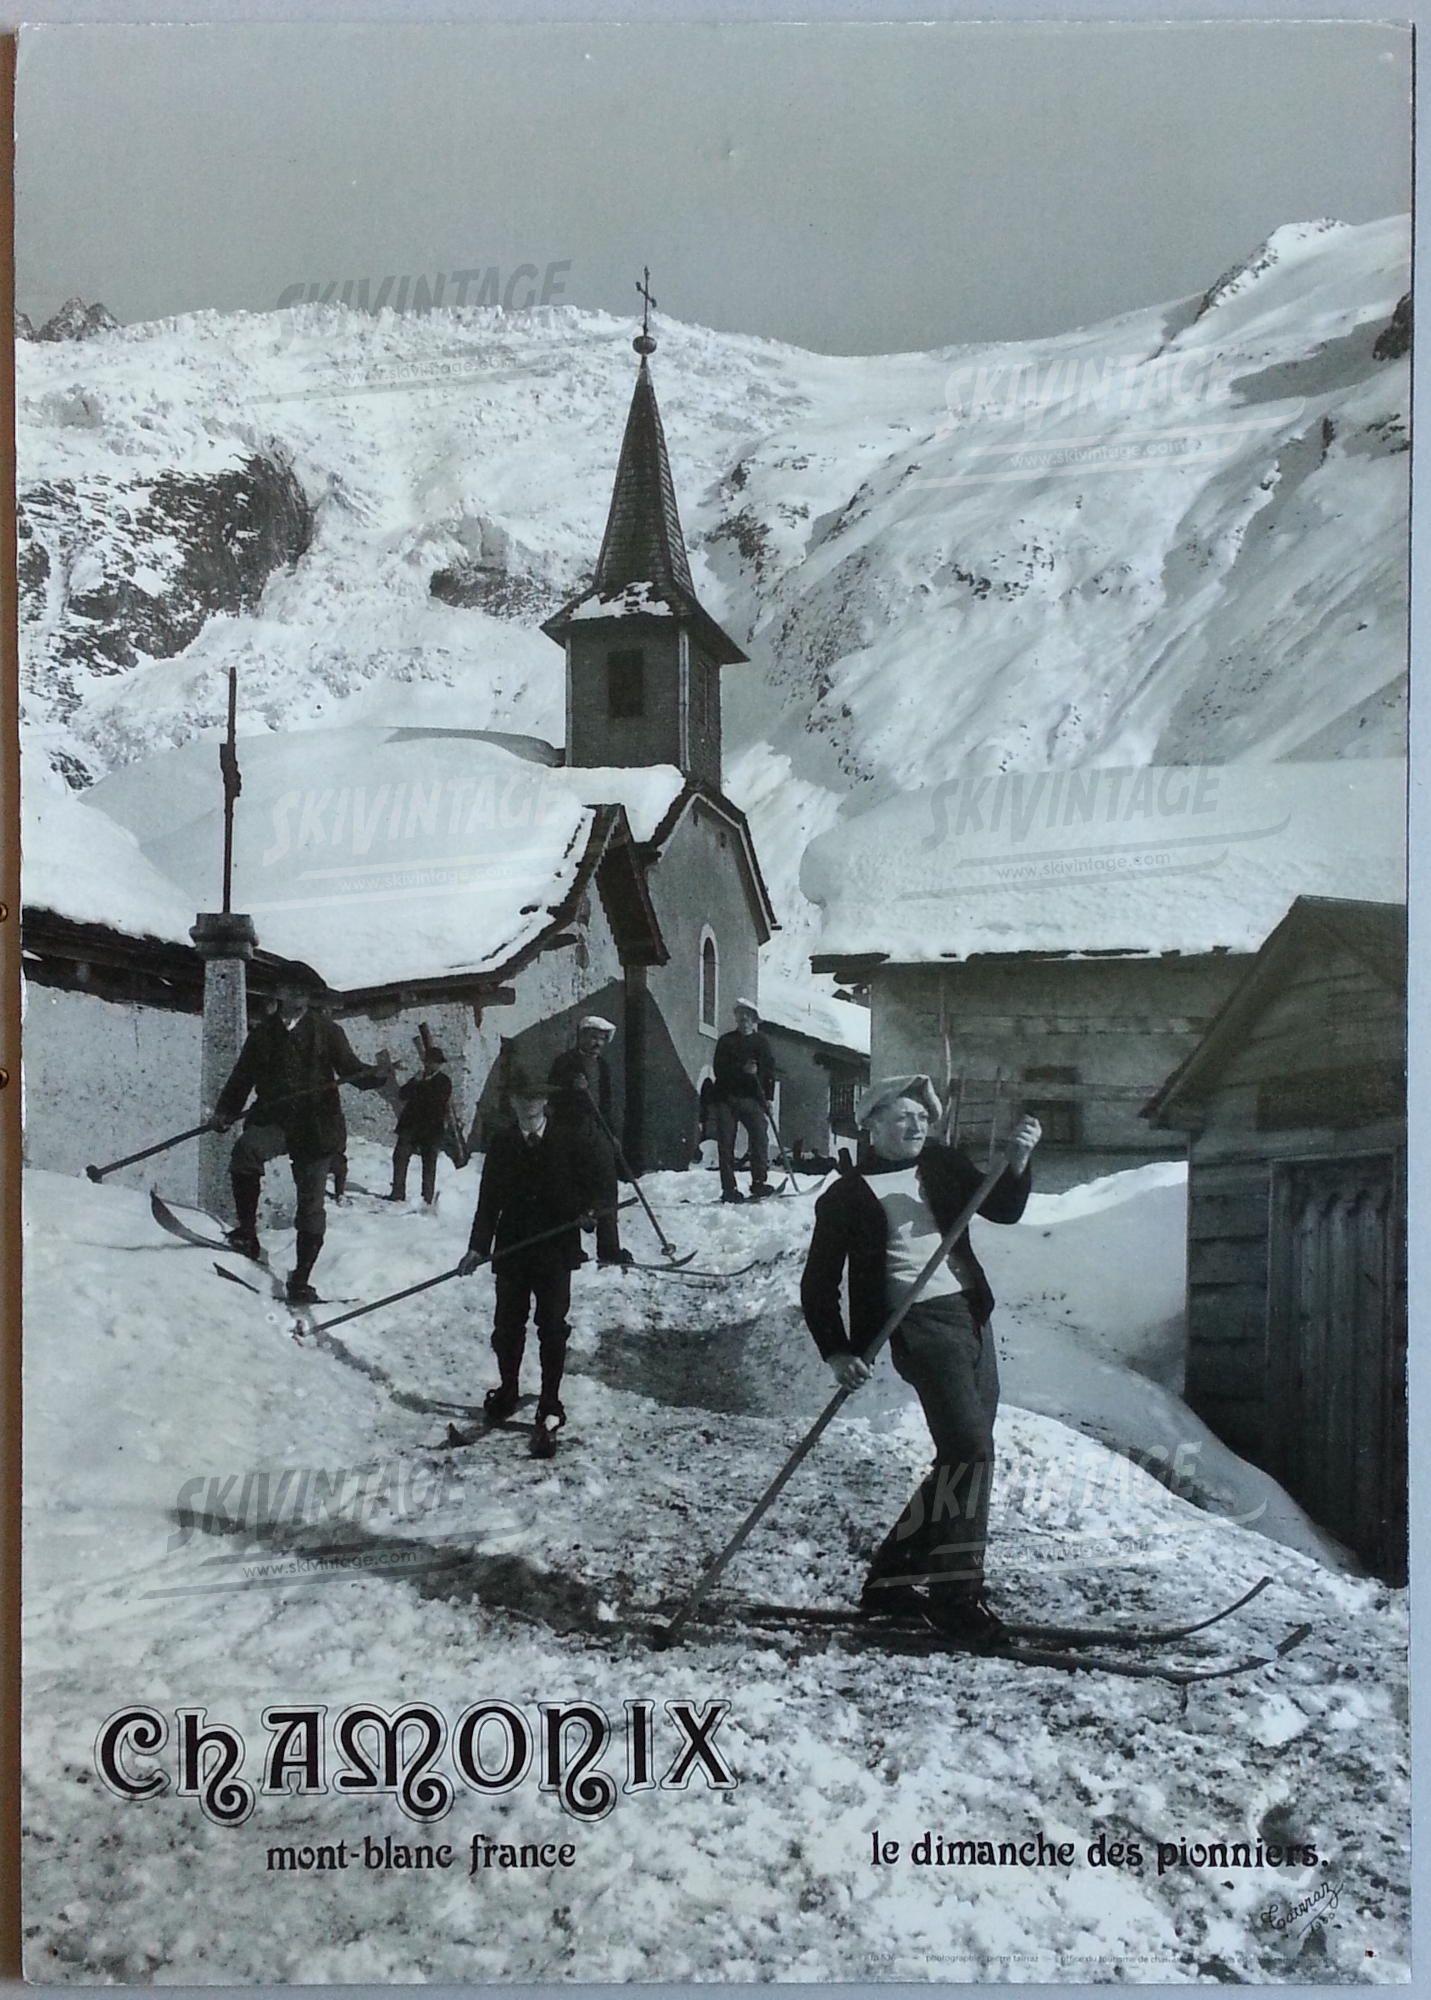 Chamonix Mont Blanc France Le dimanche des pionniers Affiche